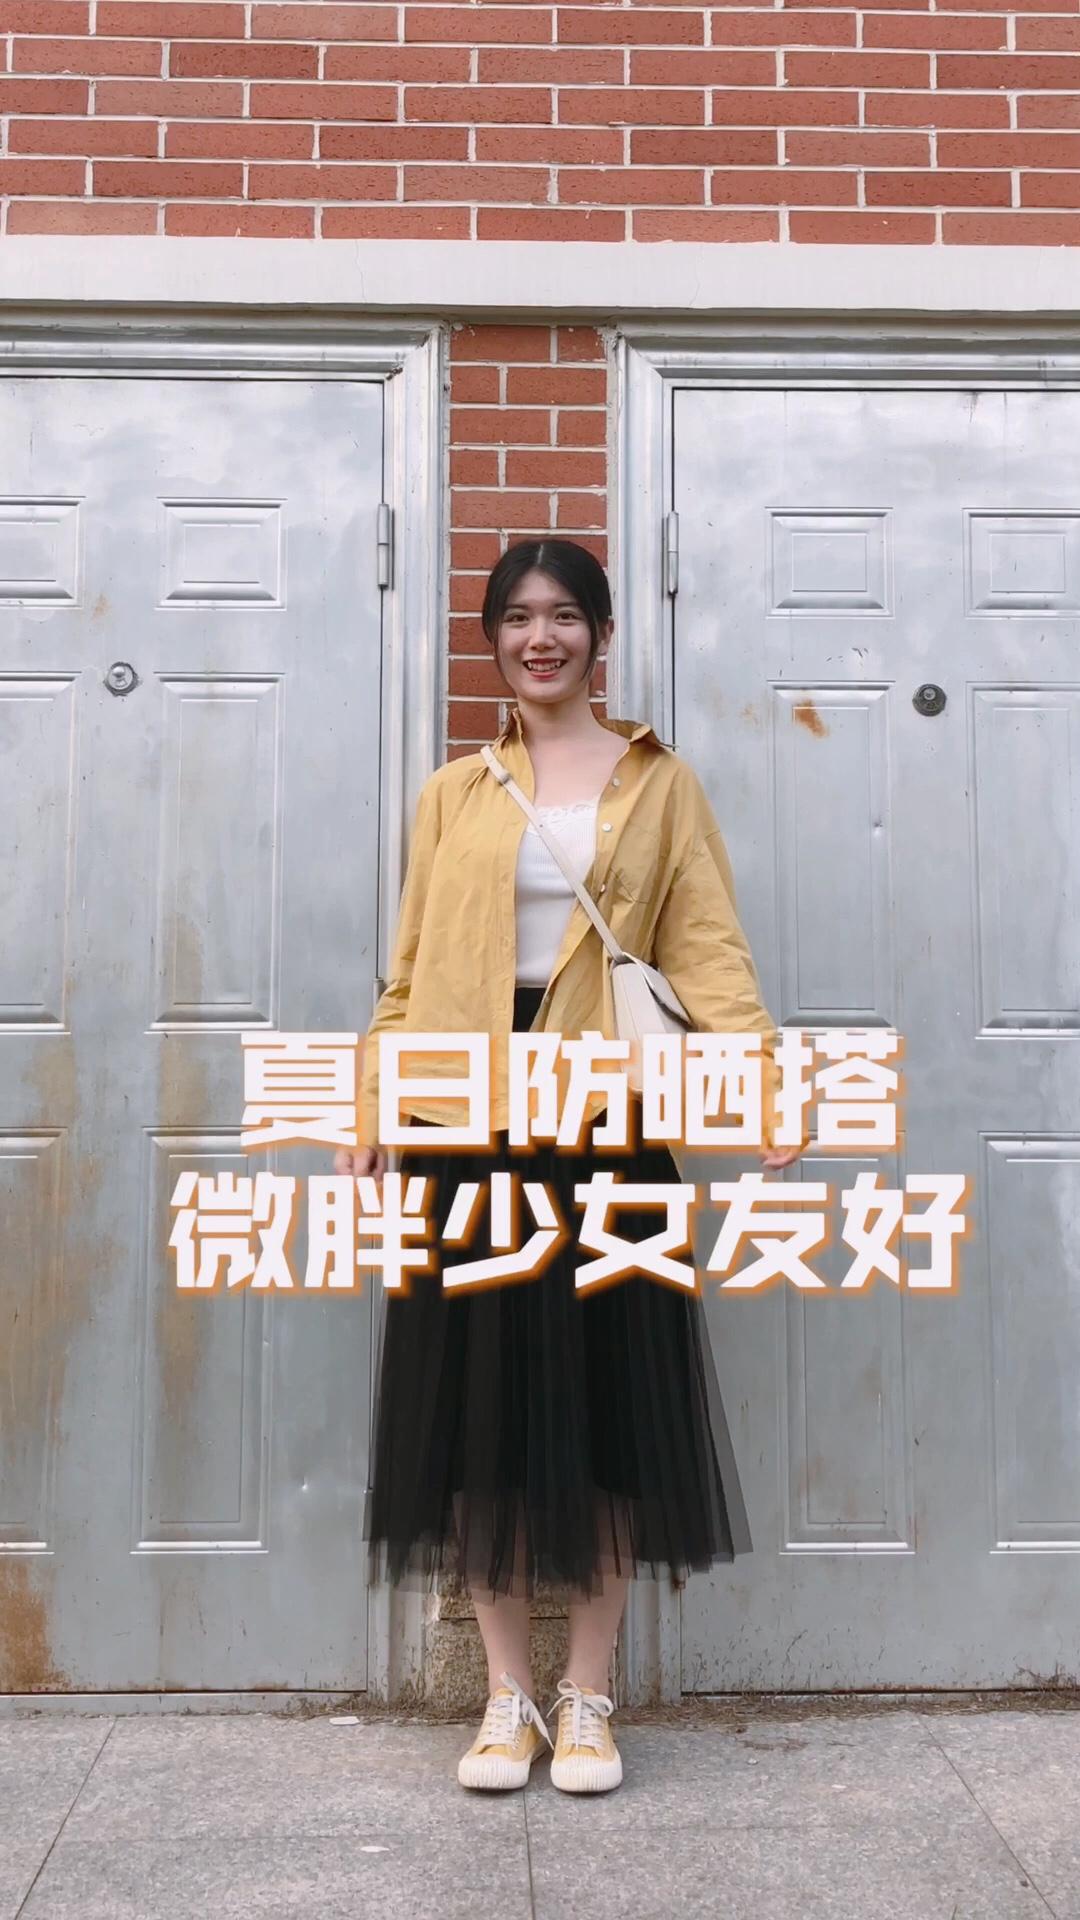 #六一少女感穿搭,猜猜我几岁?# 少女感穿搭,色彩一定是重中之重!黄色是最显嫩的颜色之一啦~白色吊带搭配黑色纱裙很显瘦,黄色衬衫用作外套,上半身也瘦!